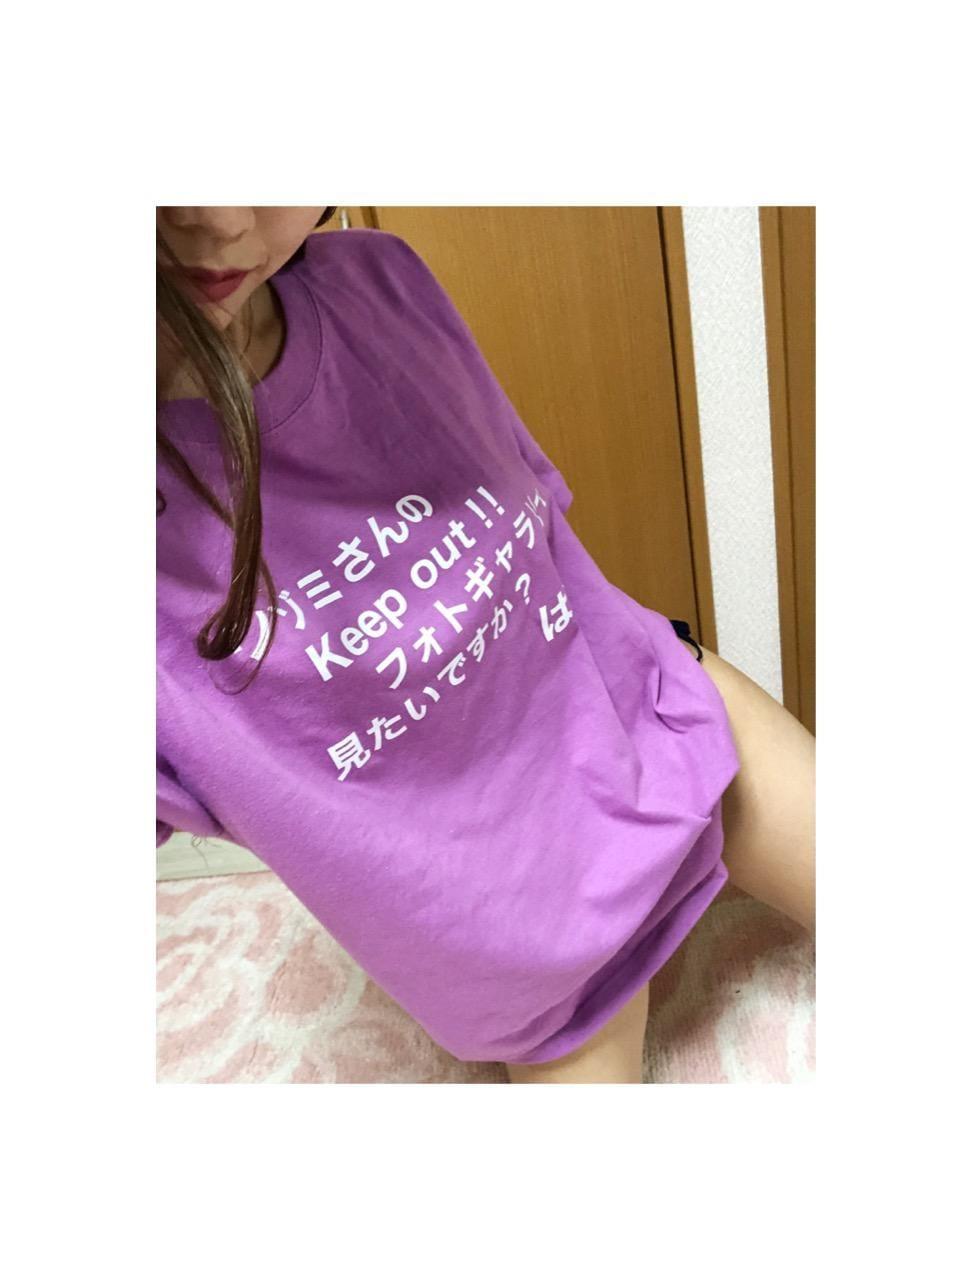 香川希美「おはようございます?」11/15(木) 08:17 | 香川希美の写メ・風俗動画